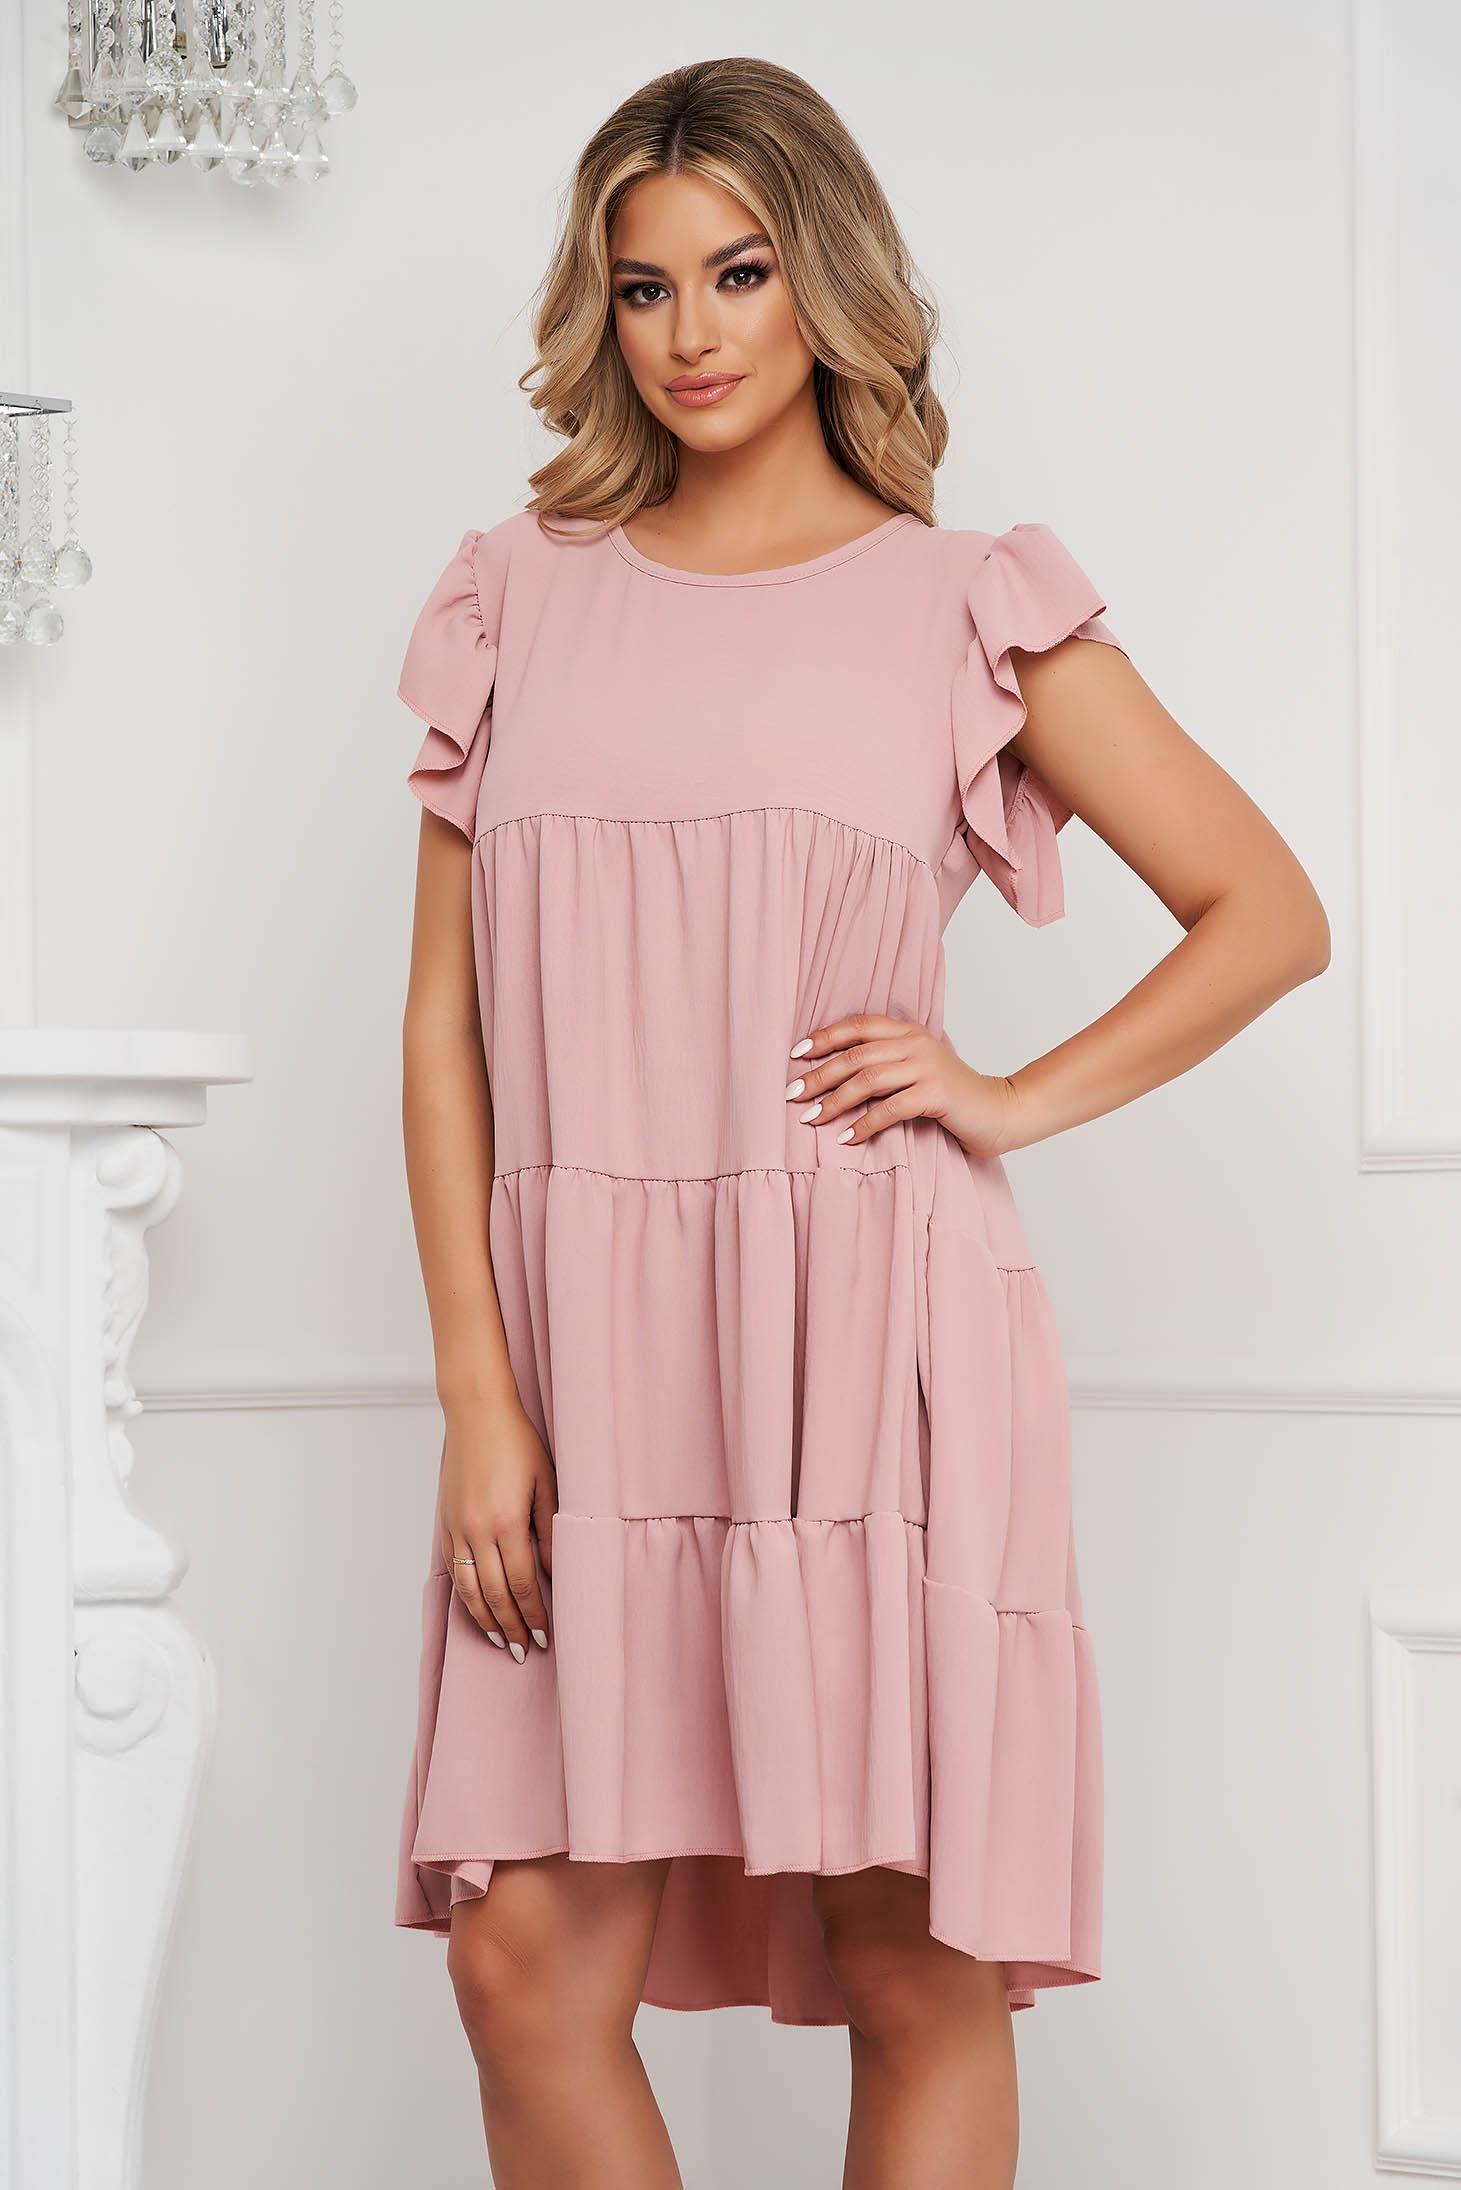 Púder rózsaszínű rugalmas és finom anyagból készült bő szabású fodros ruha